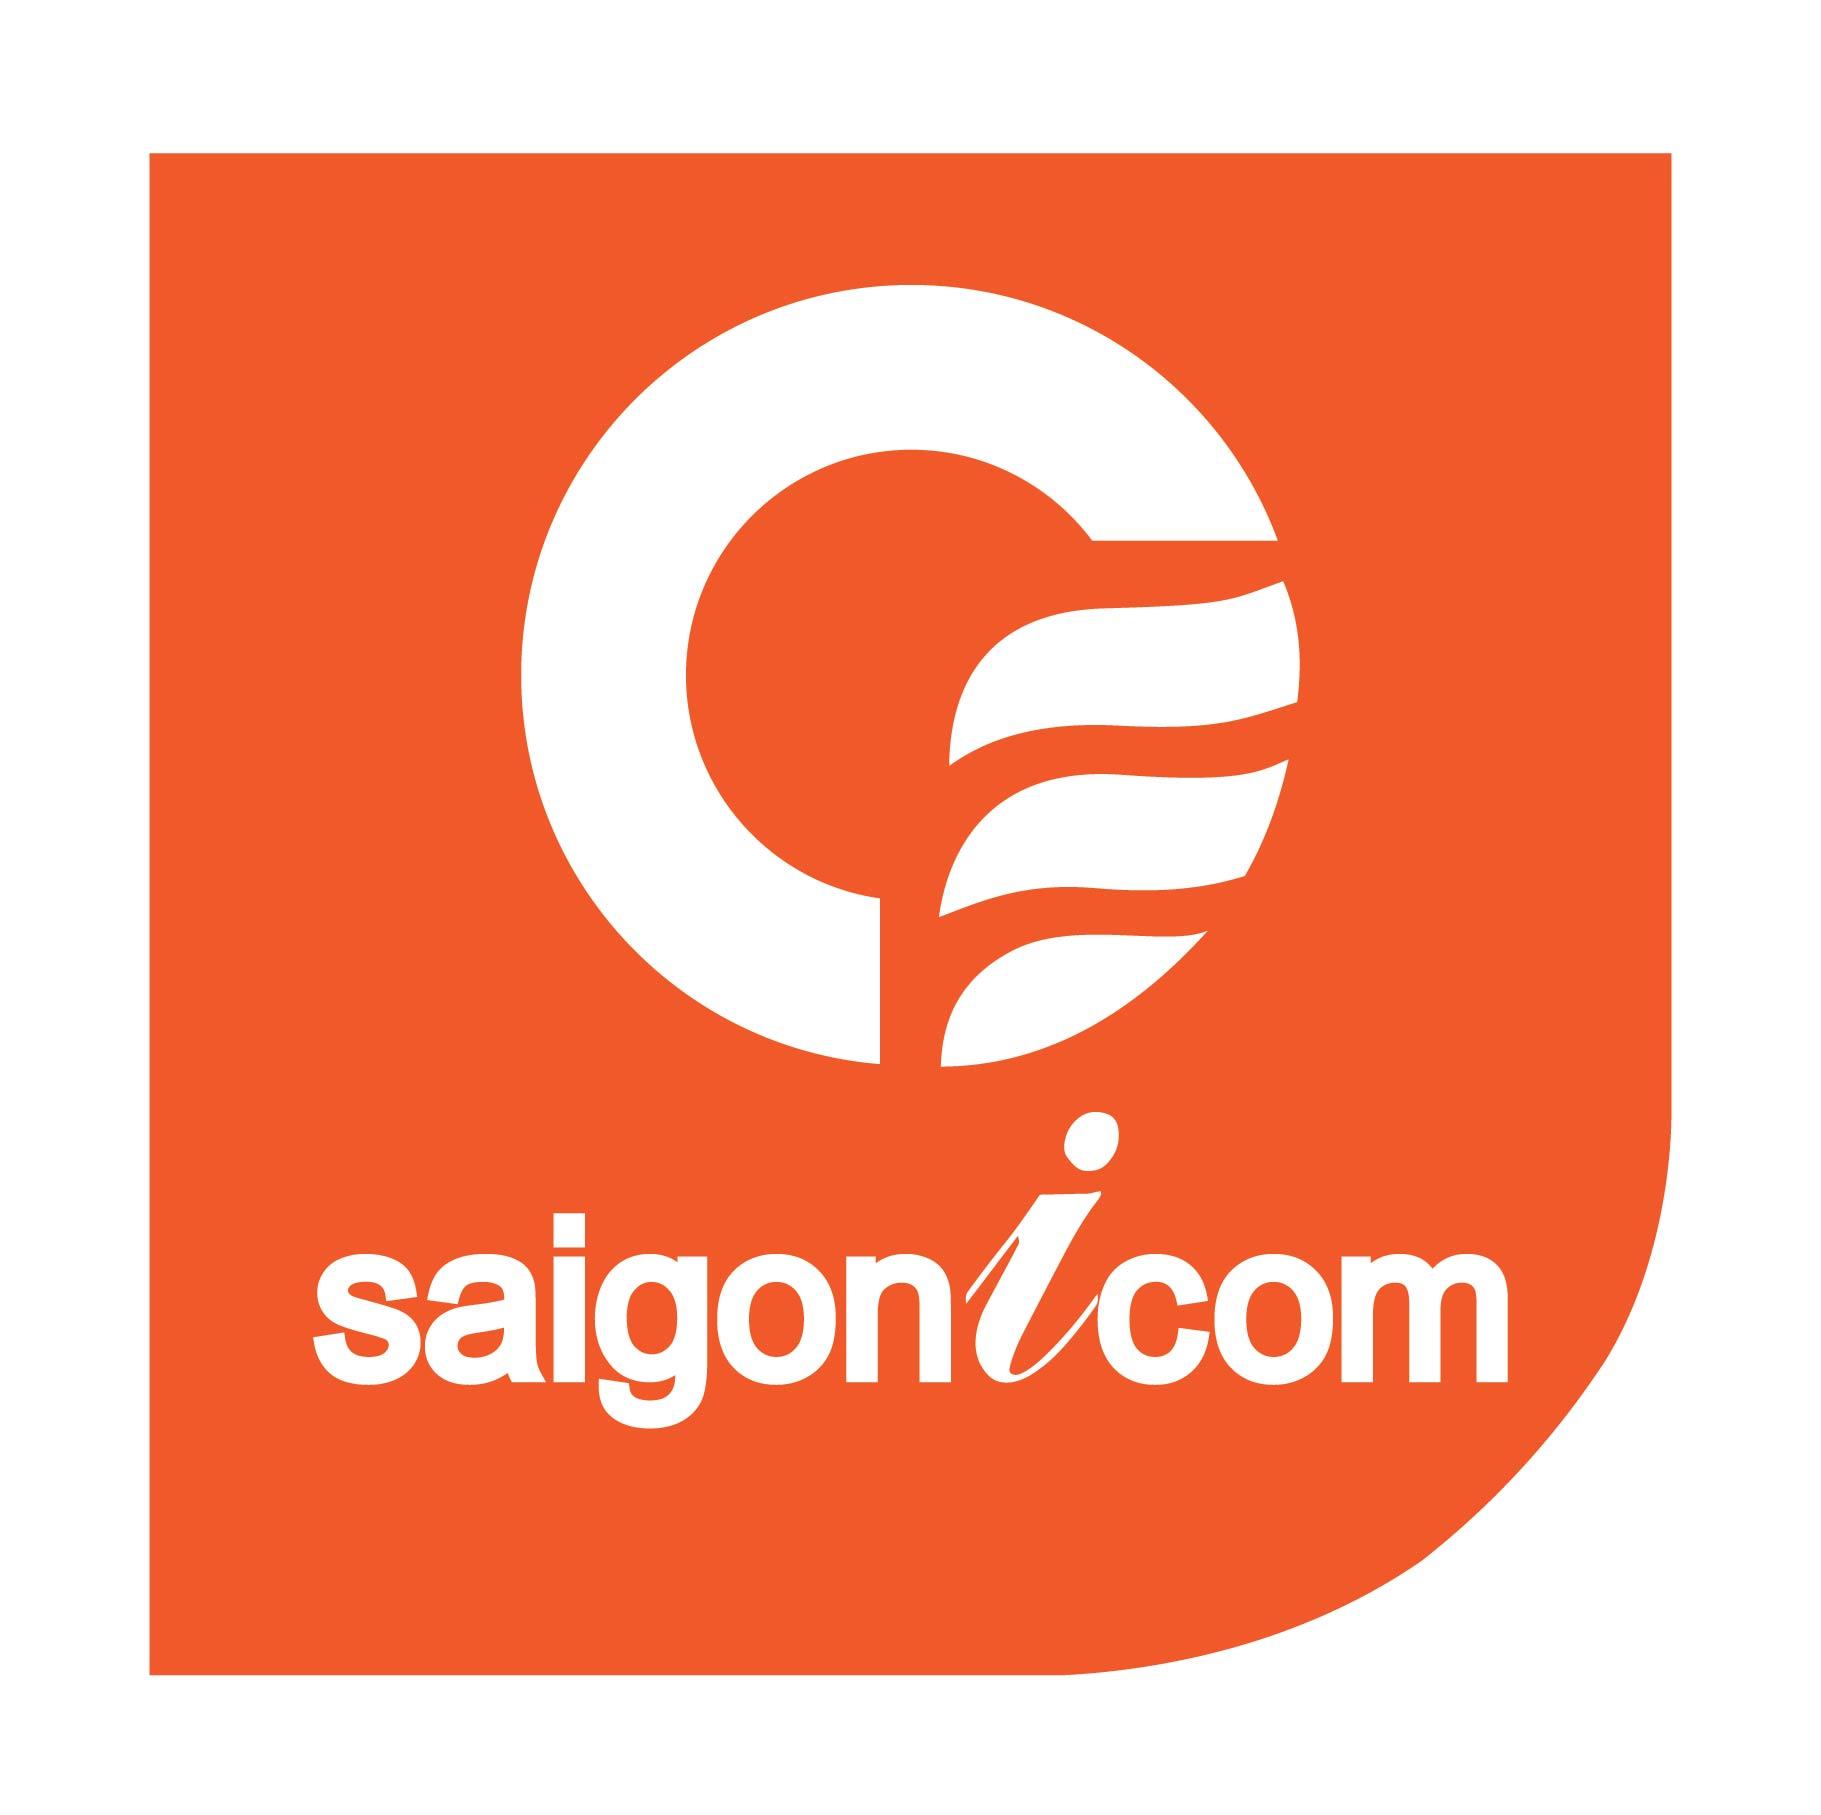 1 SGIC_Logo-01 - Copy (2) - Copy.